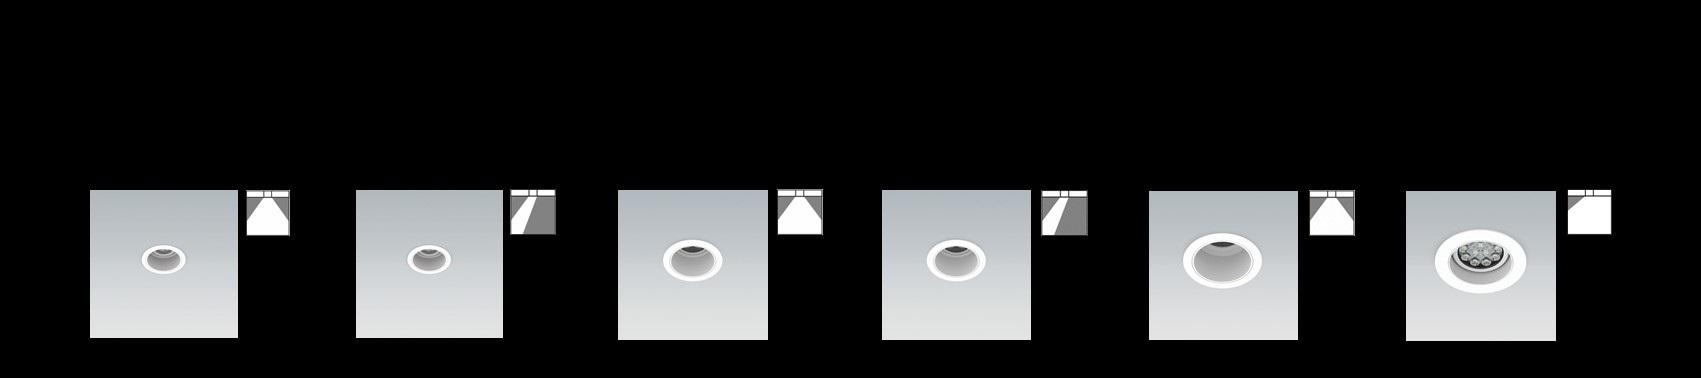 7.afb-header-lucent-lighting-soft-trim-zwart-website